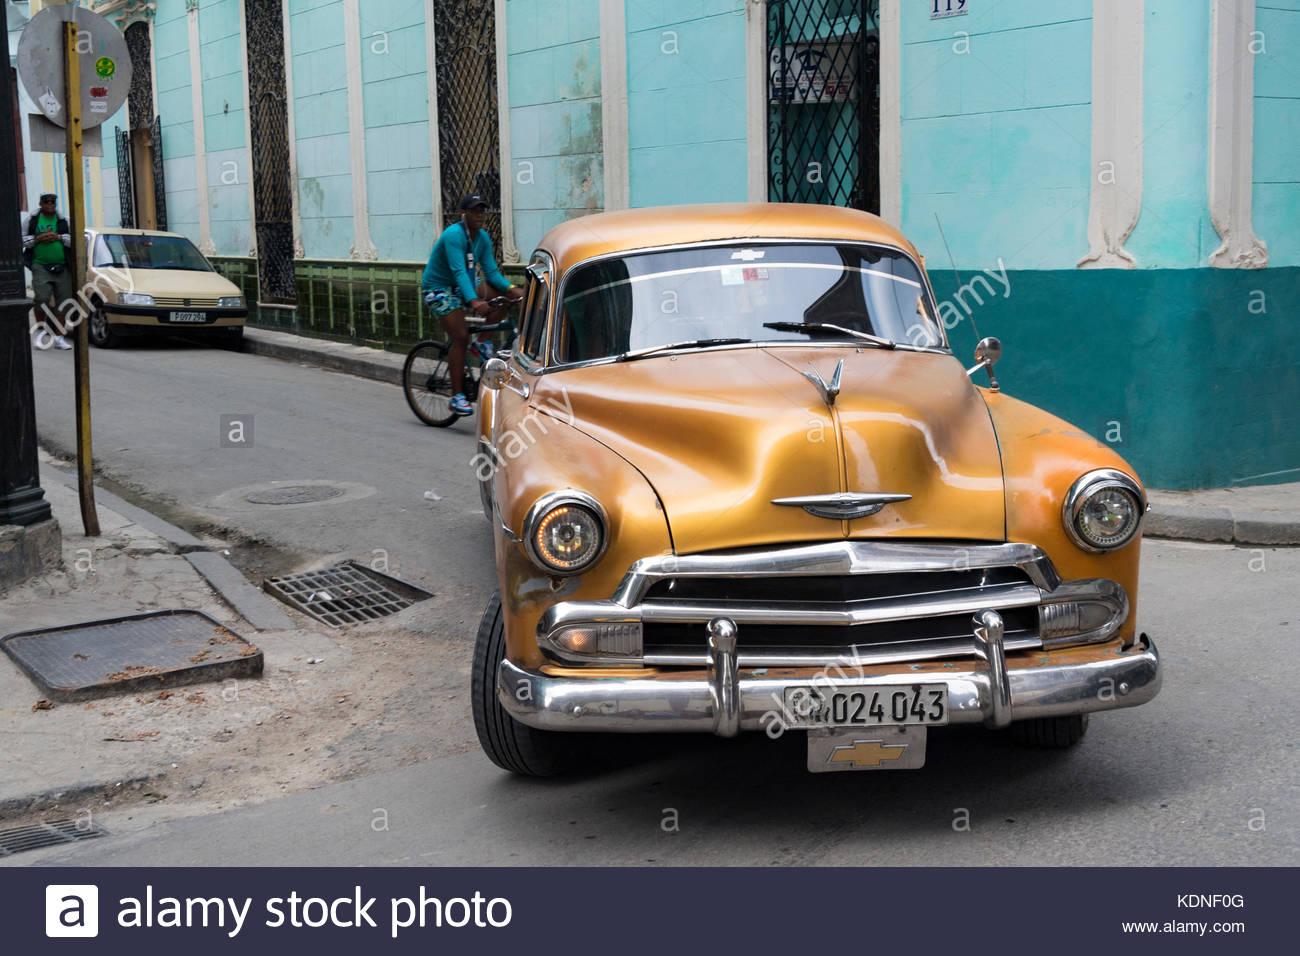 Classic Convertible Car Architecture Tour Havana